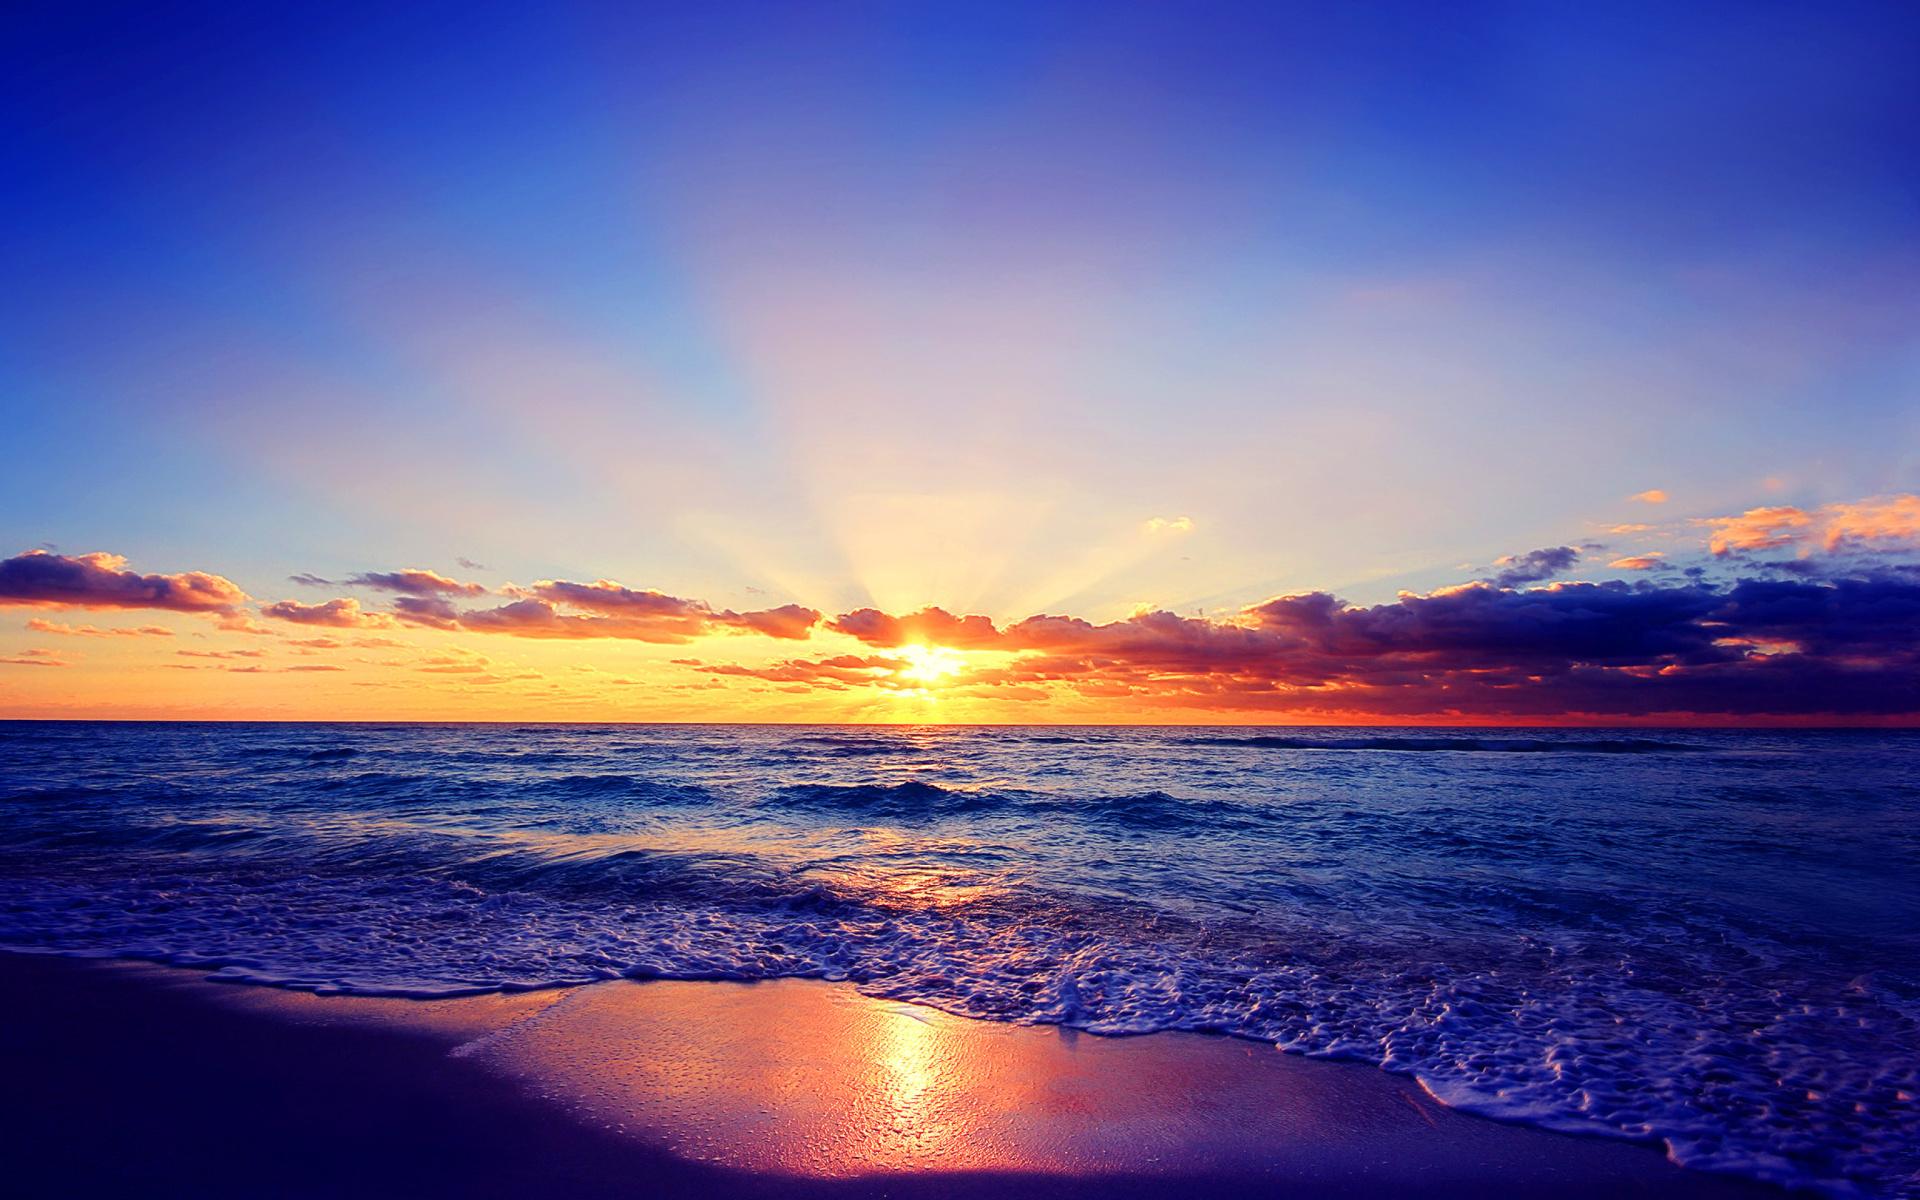 Romantic sea sunset sfondi gratuiti per widescreen desktop for Sfondi hd natura